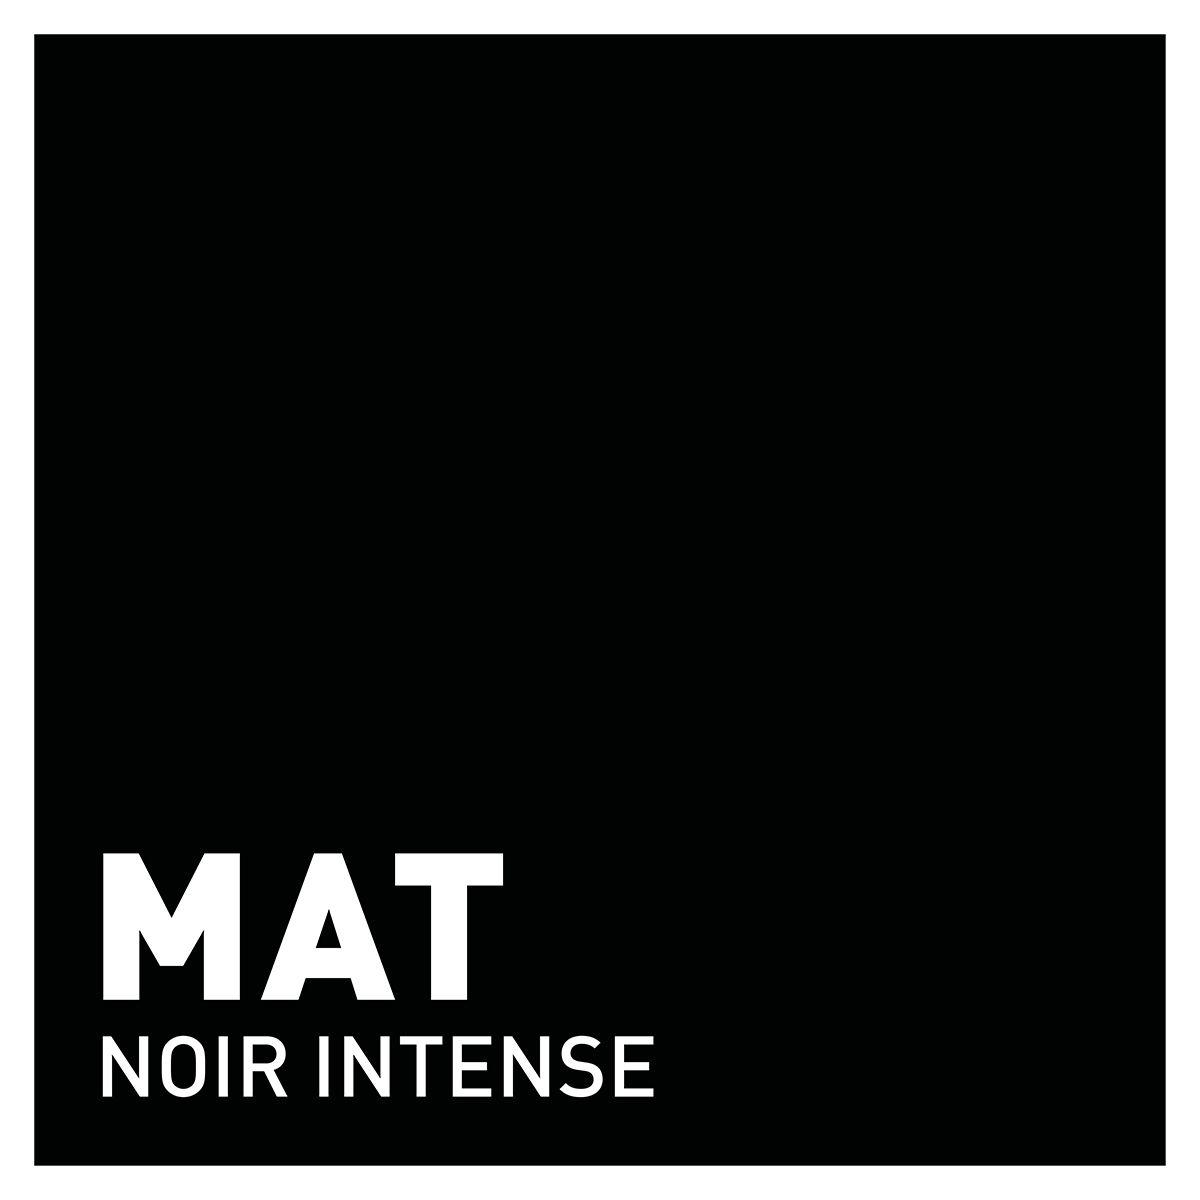 Peinture noir intense mat 20 minutes chrono Renaulac